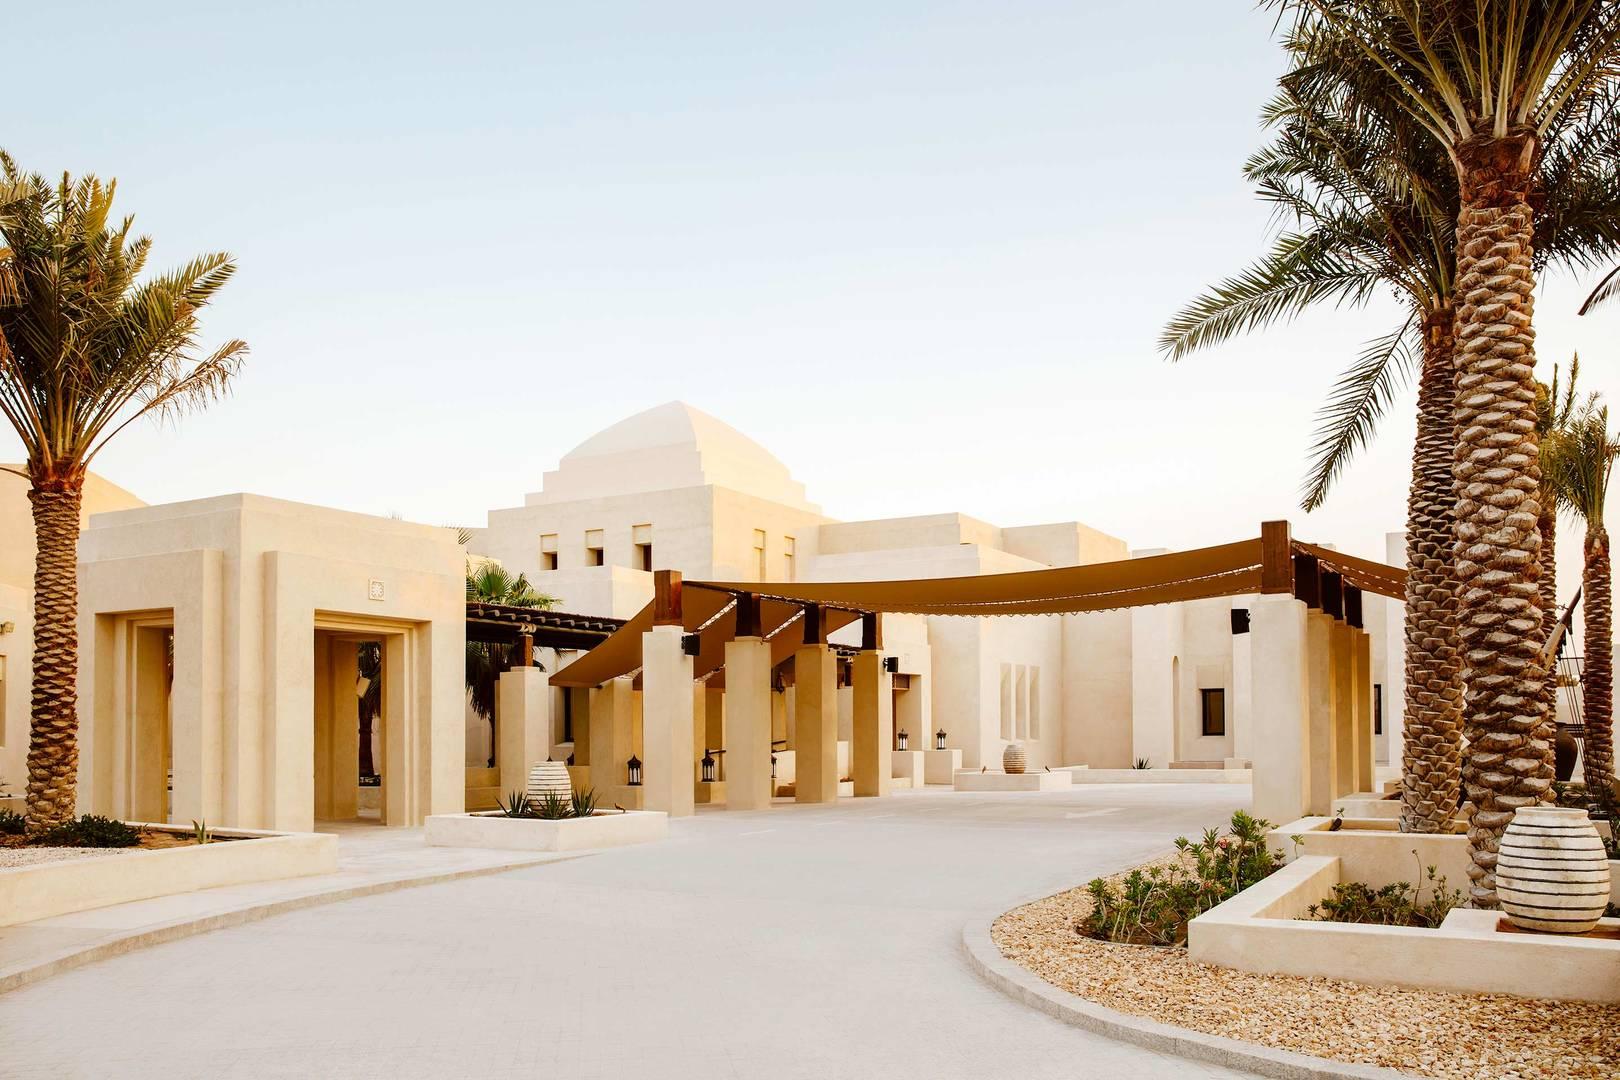 Фасад курорта Jumeirah Al Wathba Desert Resort & Spa